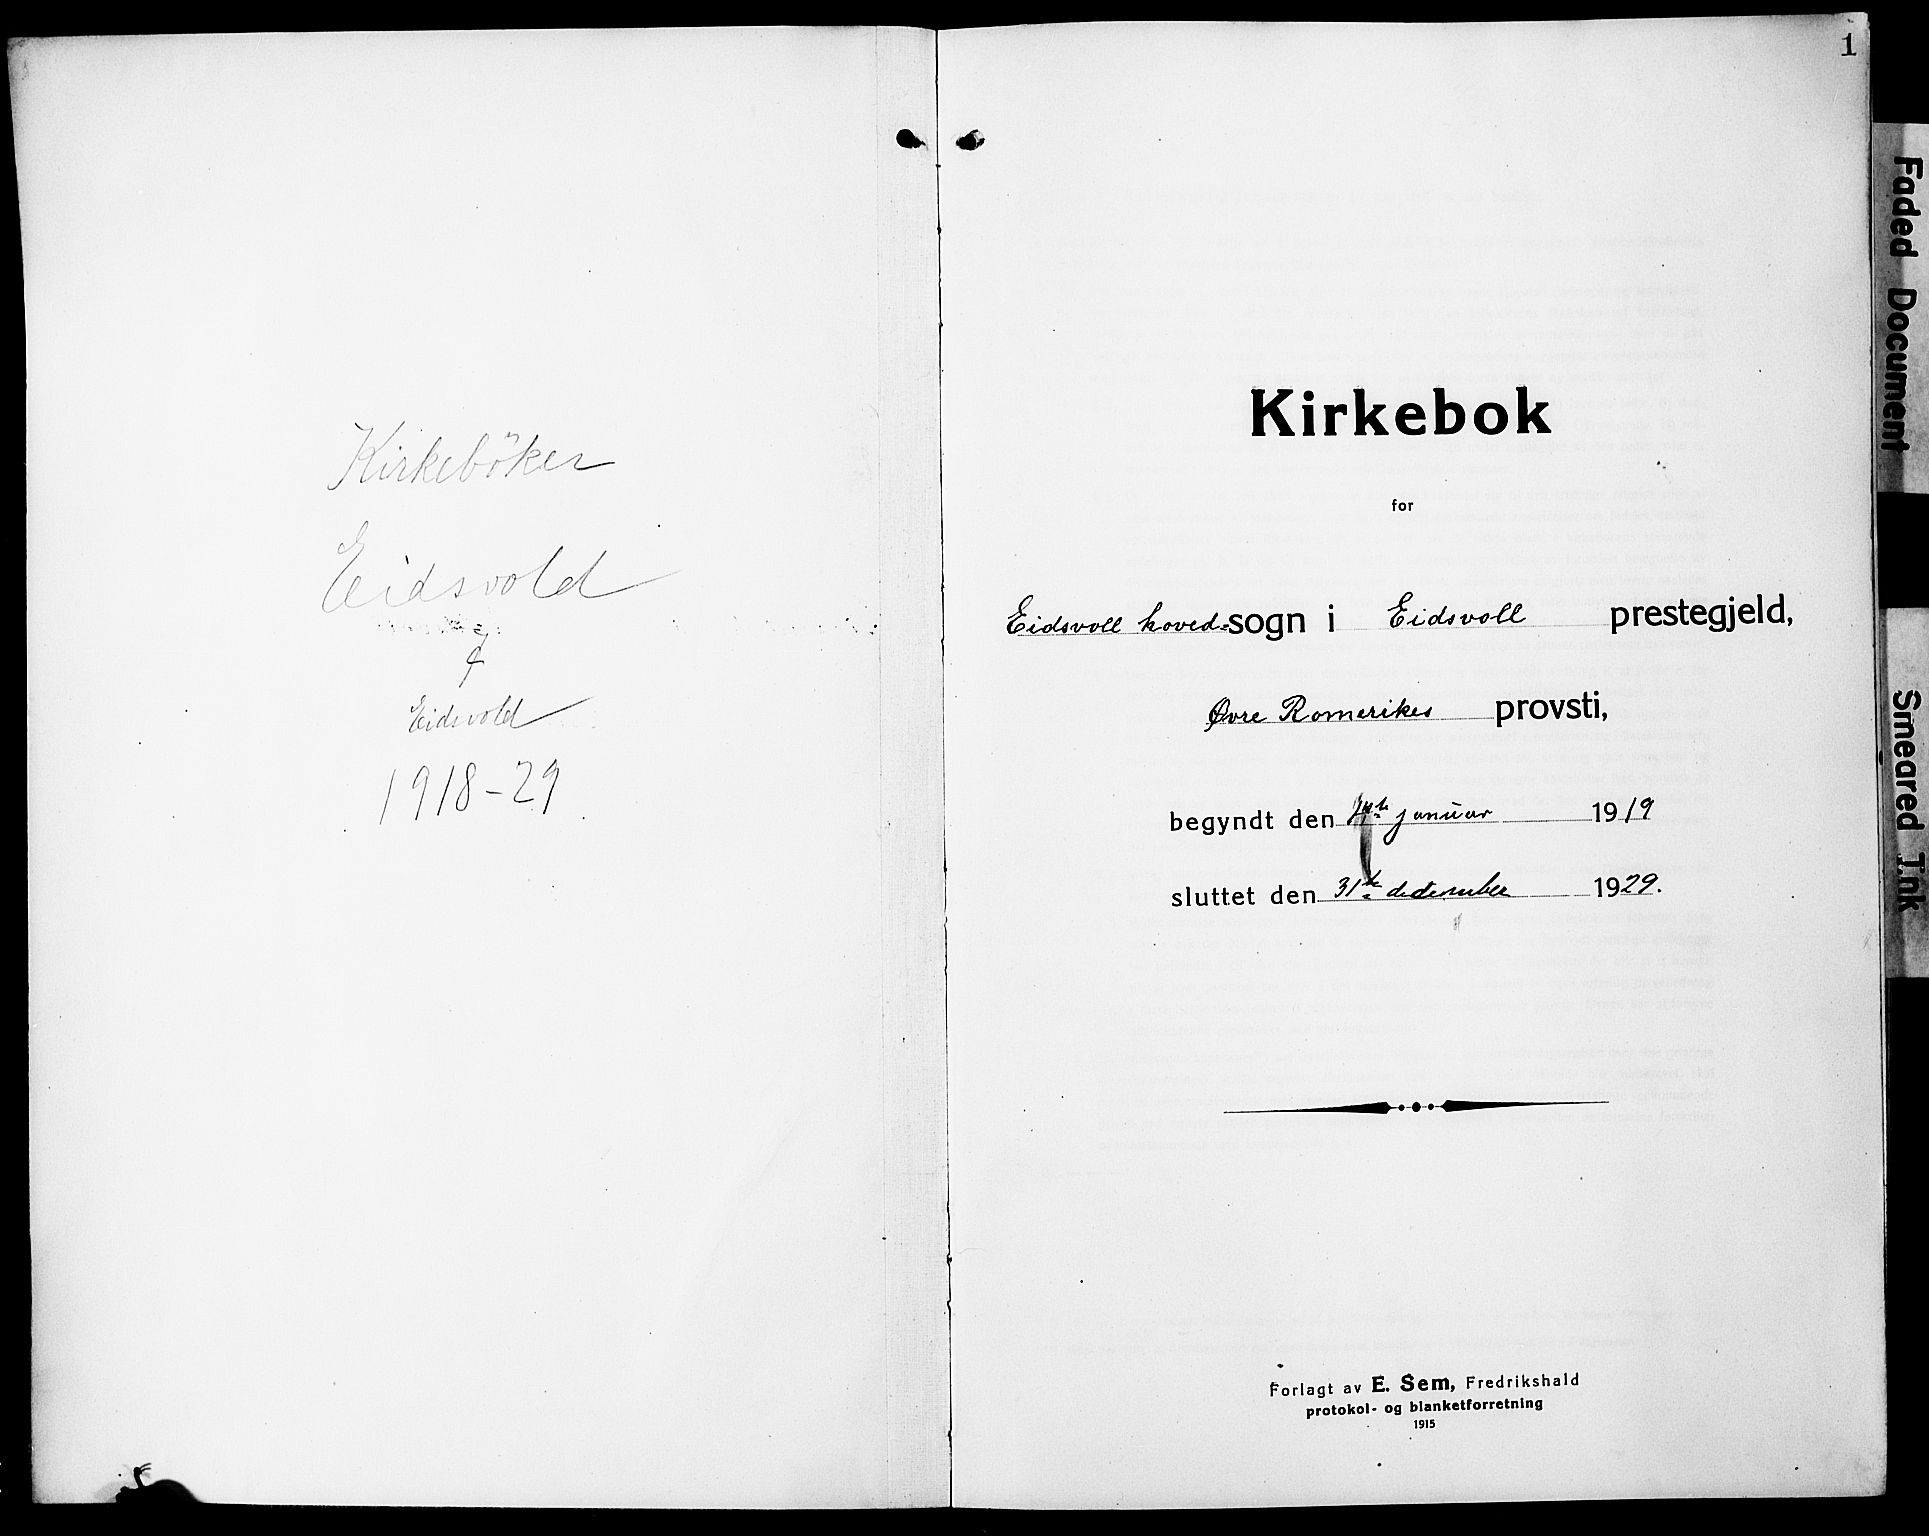 SAO, Eidsvoll prestekontor Kirkebøker, G/Ga/L0010: Klokkerbok nr. I 10, 1919-1929, s. 1